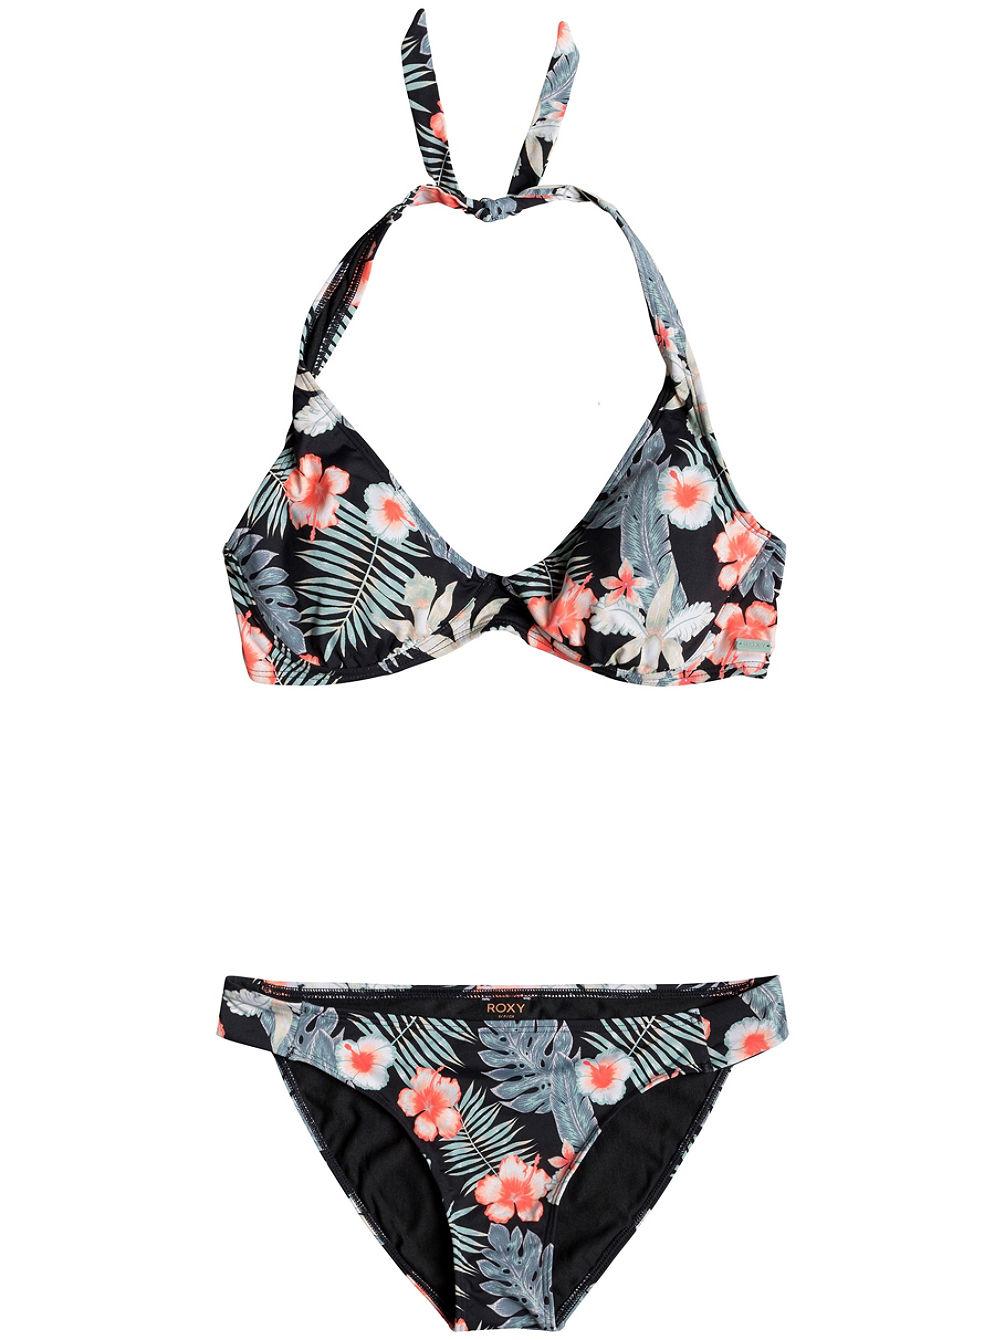 fab867747173 Compra Roxy Pt Beach Classics Ful Halt Reg Bikini online na Blue Tomato